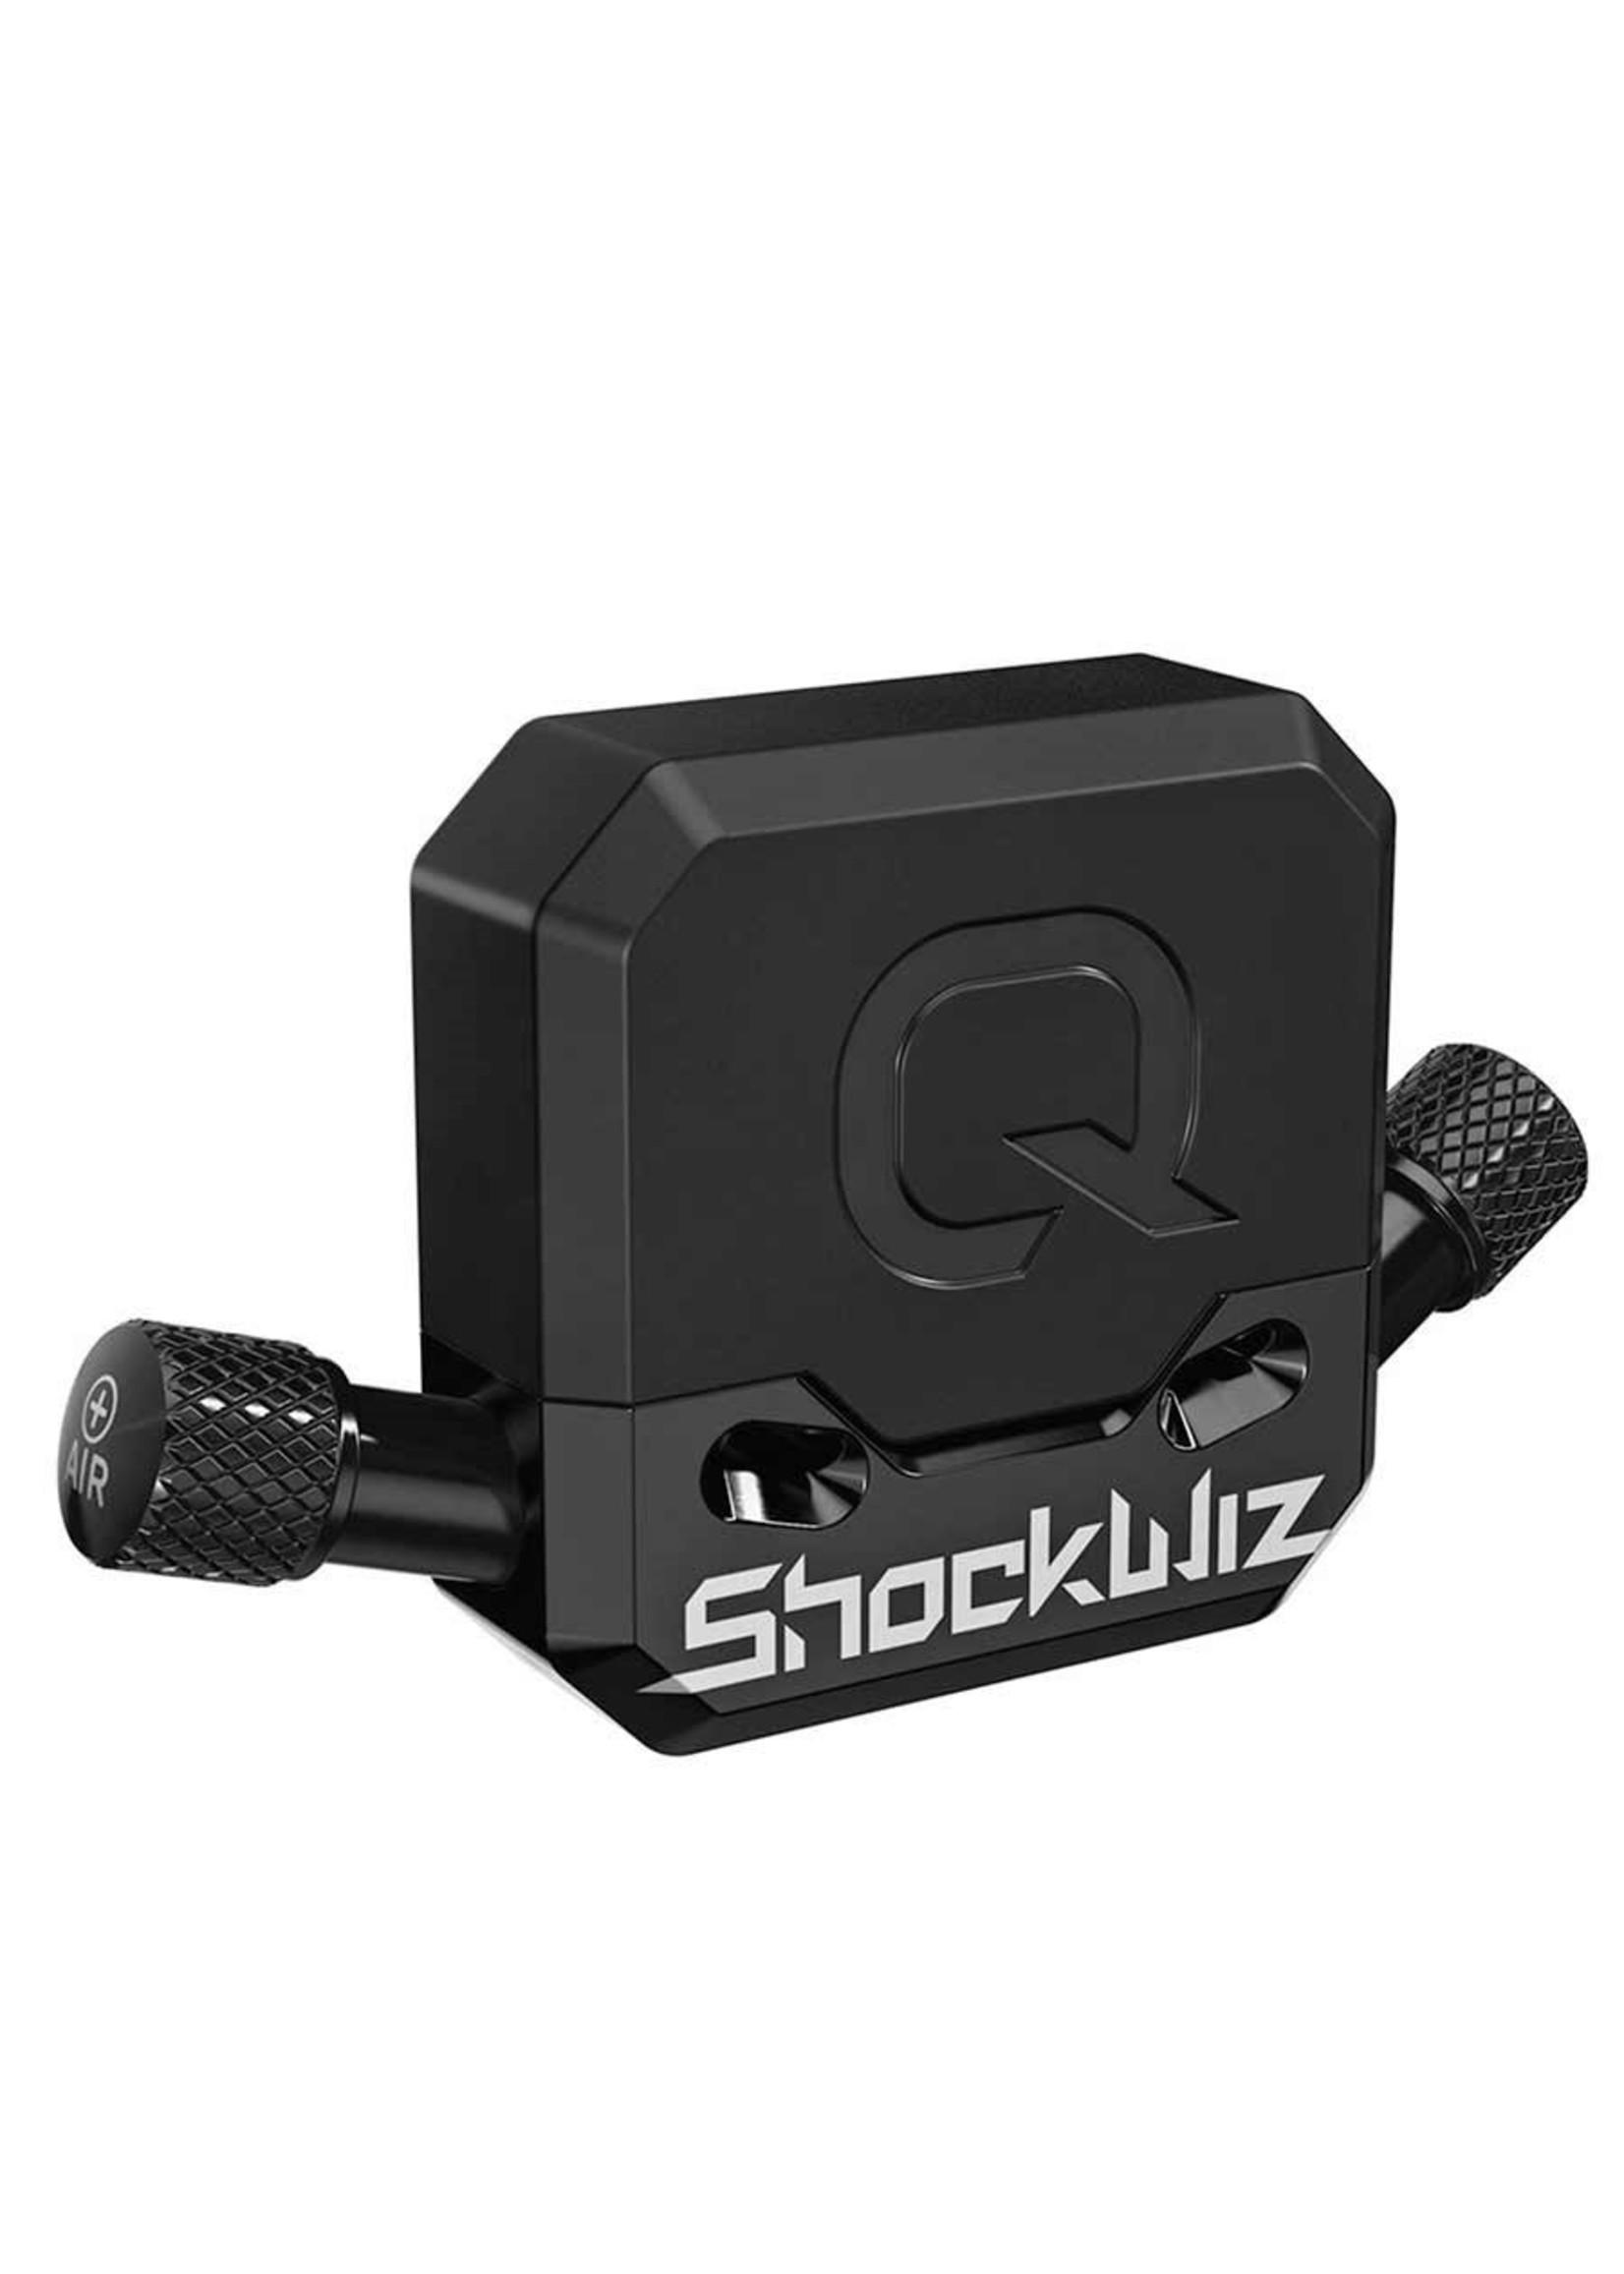 Quarq, Shockwiz, Suspension Tuning System, Regular